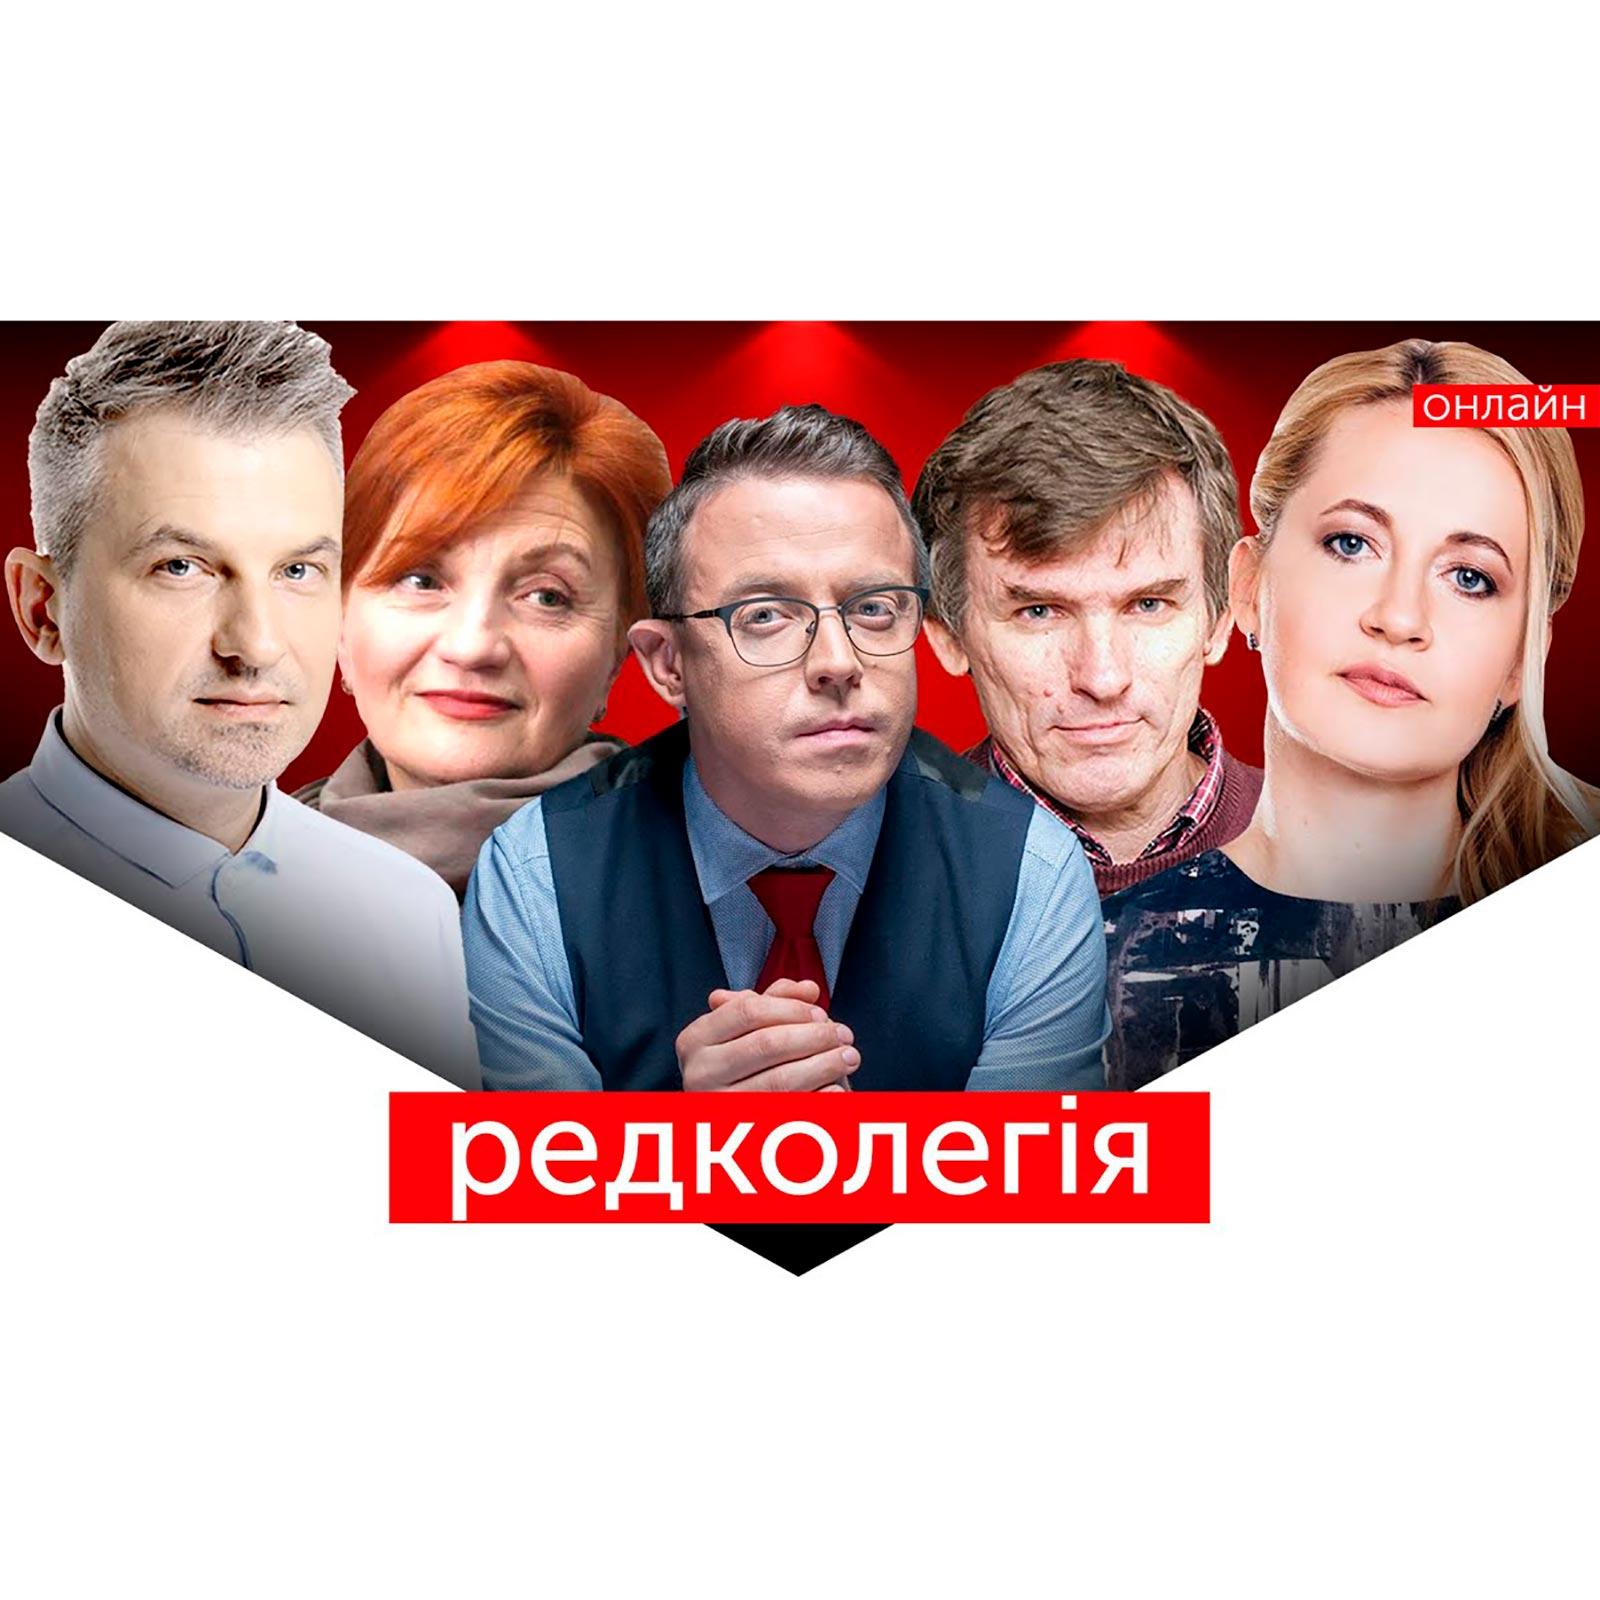 РЕДКОЛЕГІЯ: Сивохо – за мир, Путін – вічний, Трамп – закрився